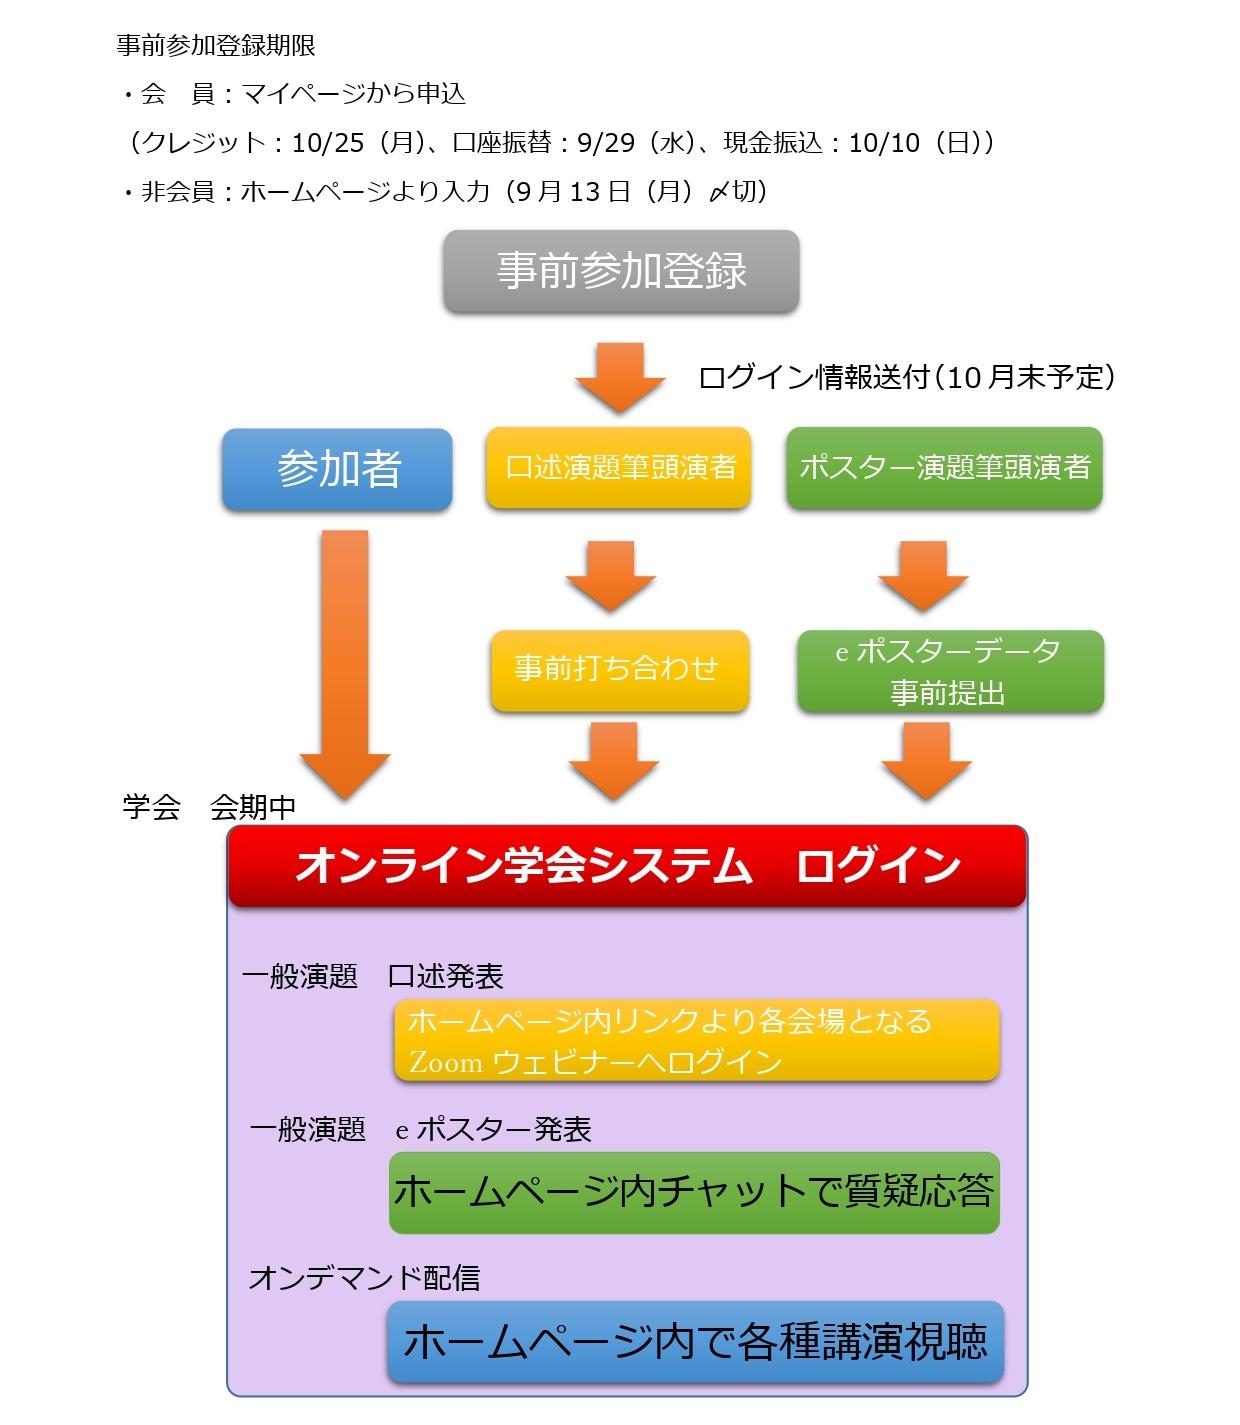 オンライン学会 参加申込~当日までの流れ